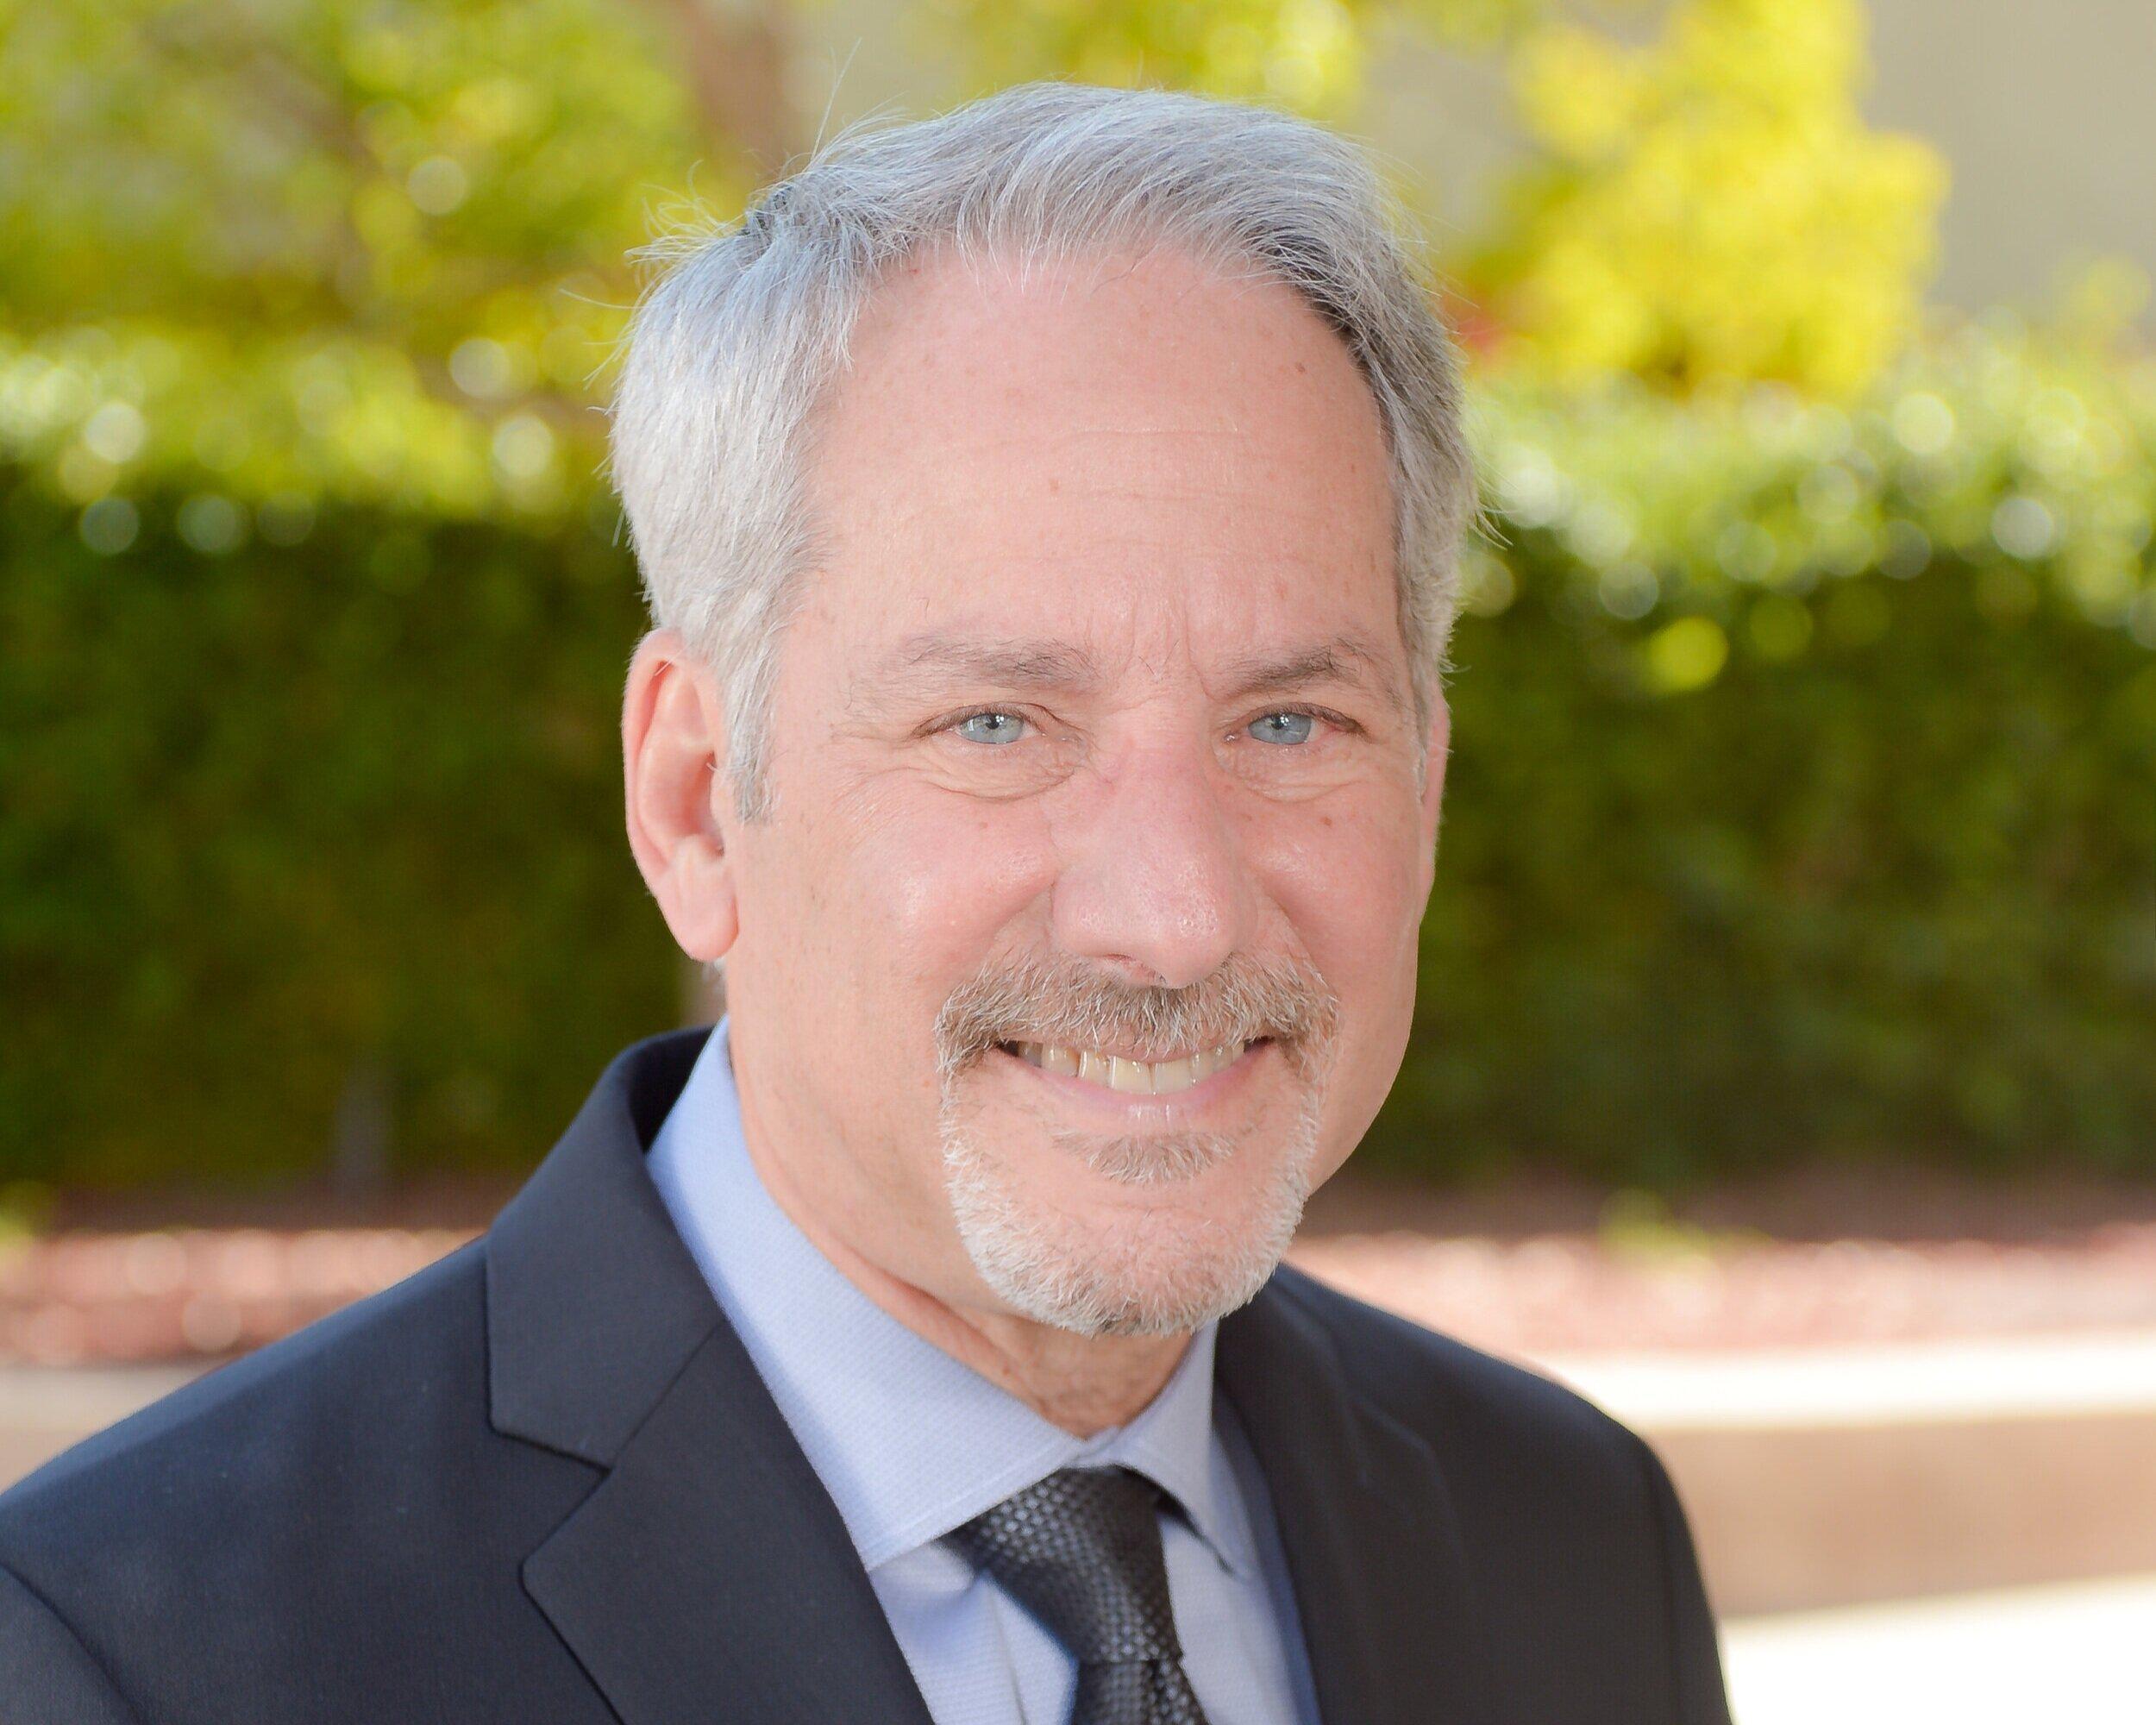 大卫·弗兰克拉比,首席犹太官员,犹太研究高级研究所主任